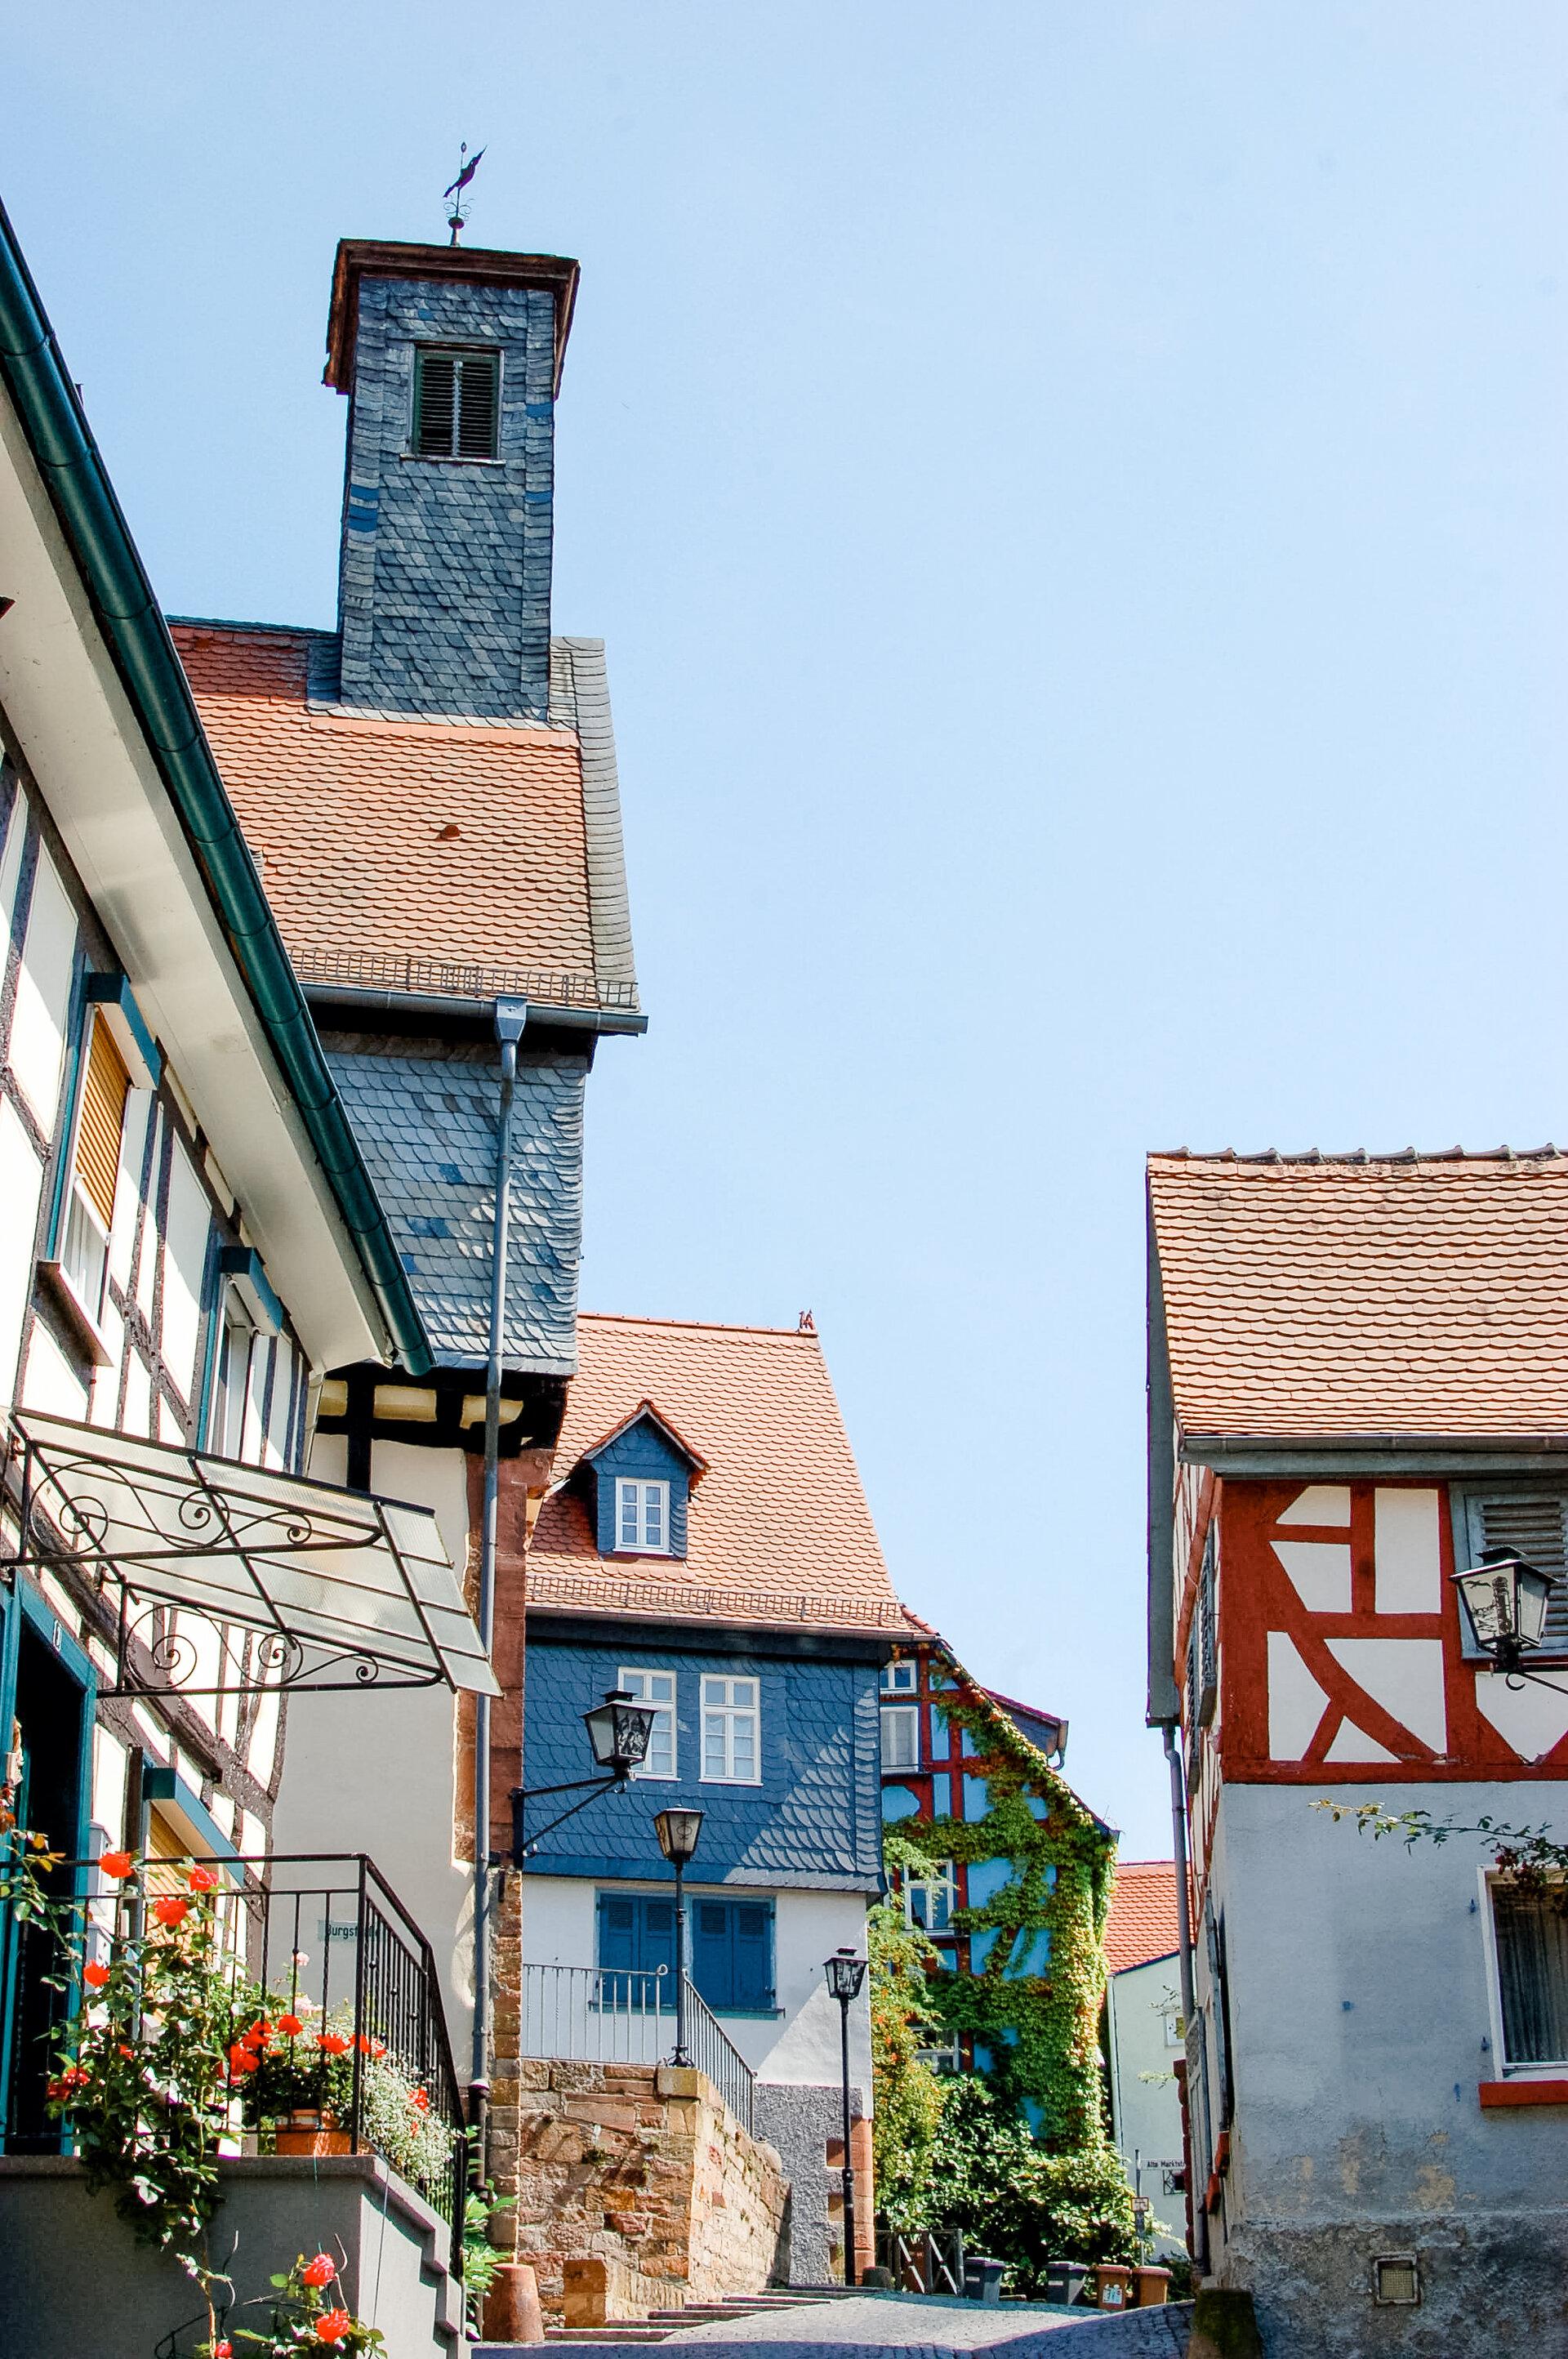 Blick auf den Turm des Alten Rathauses in Ortenberg